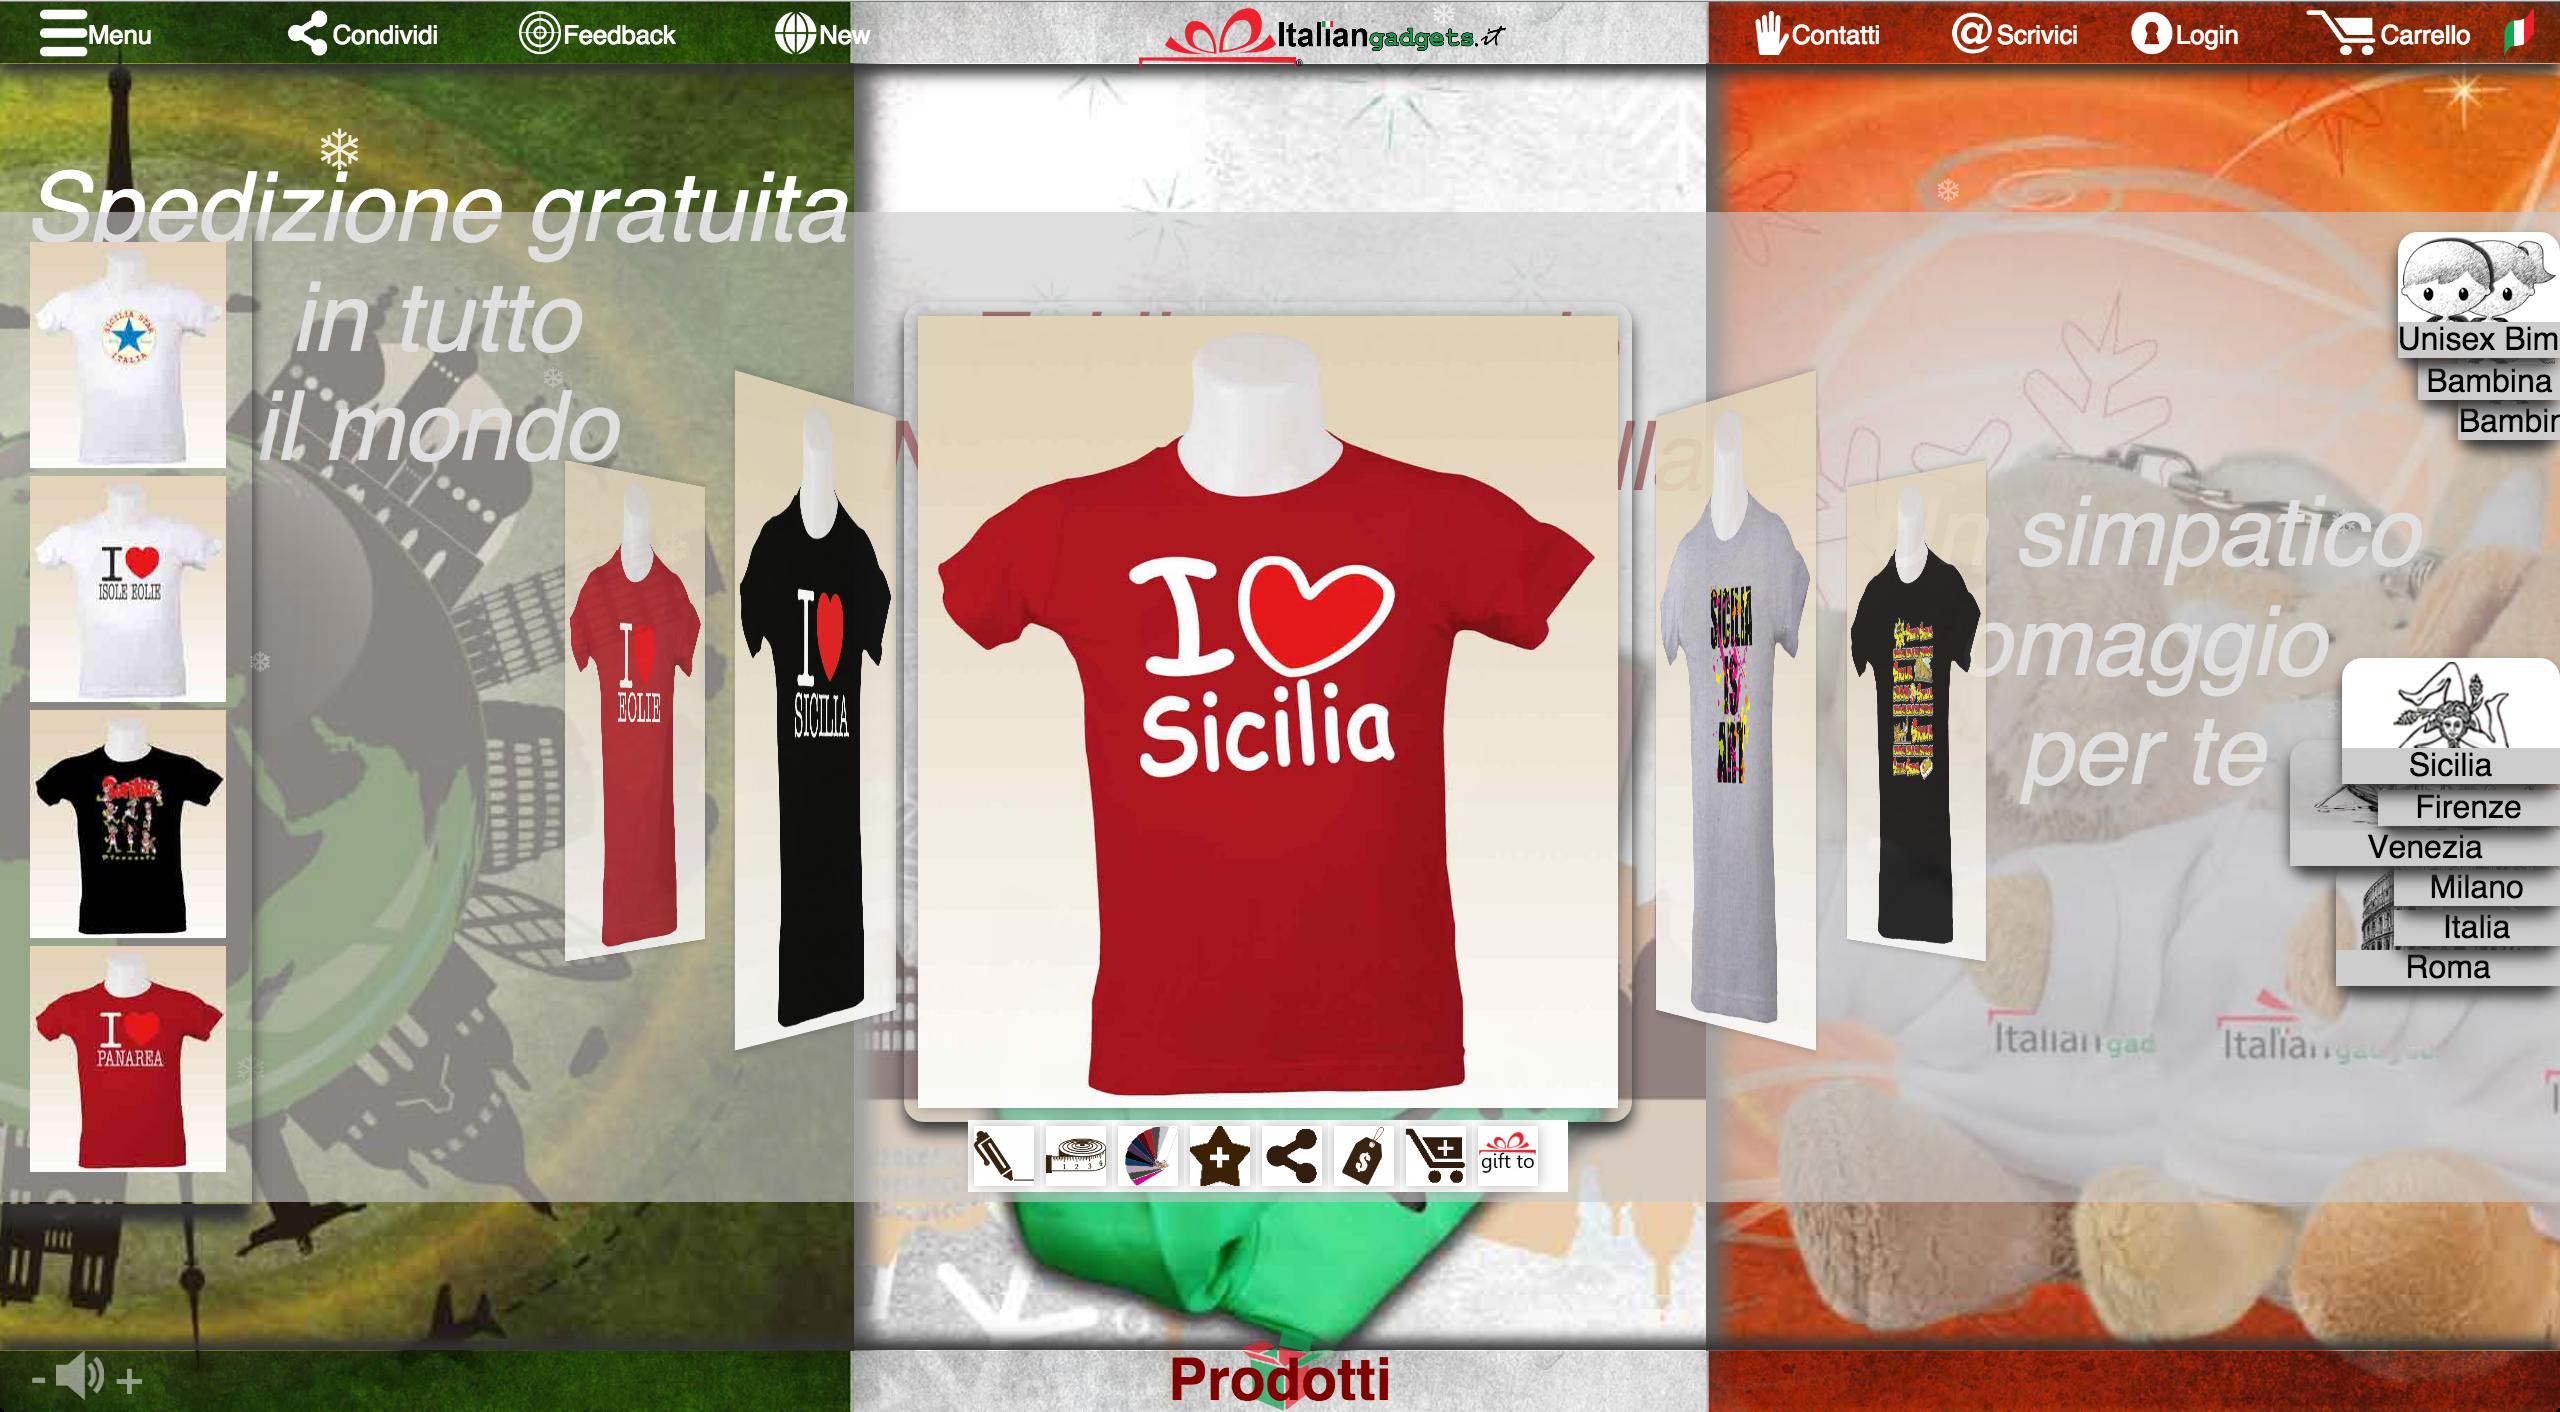 Disponibili di tutti i colori e di tutte le taglie su www.italiangadgets.it